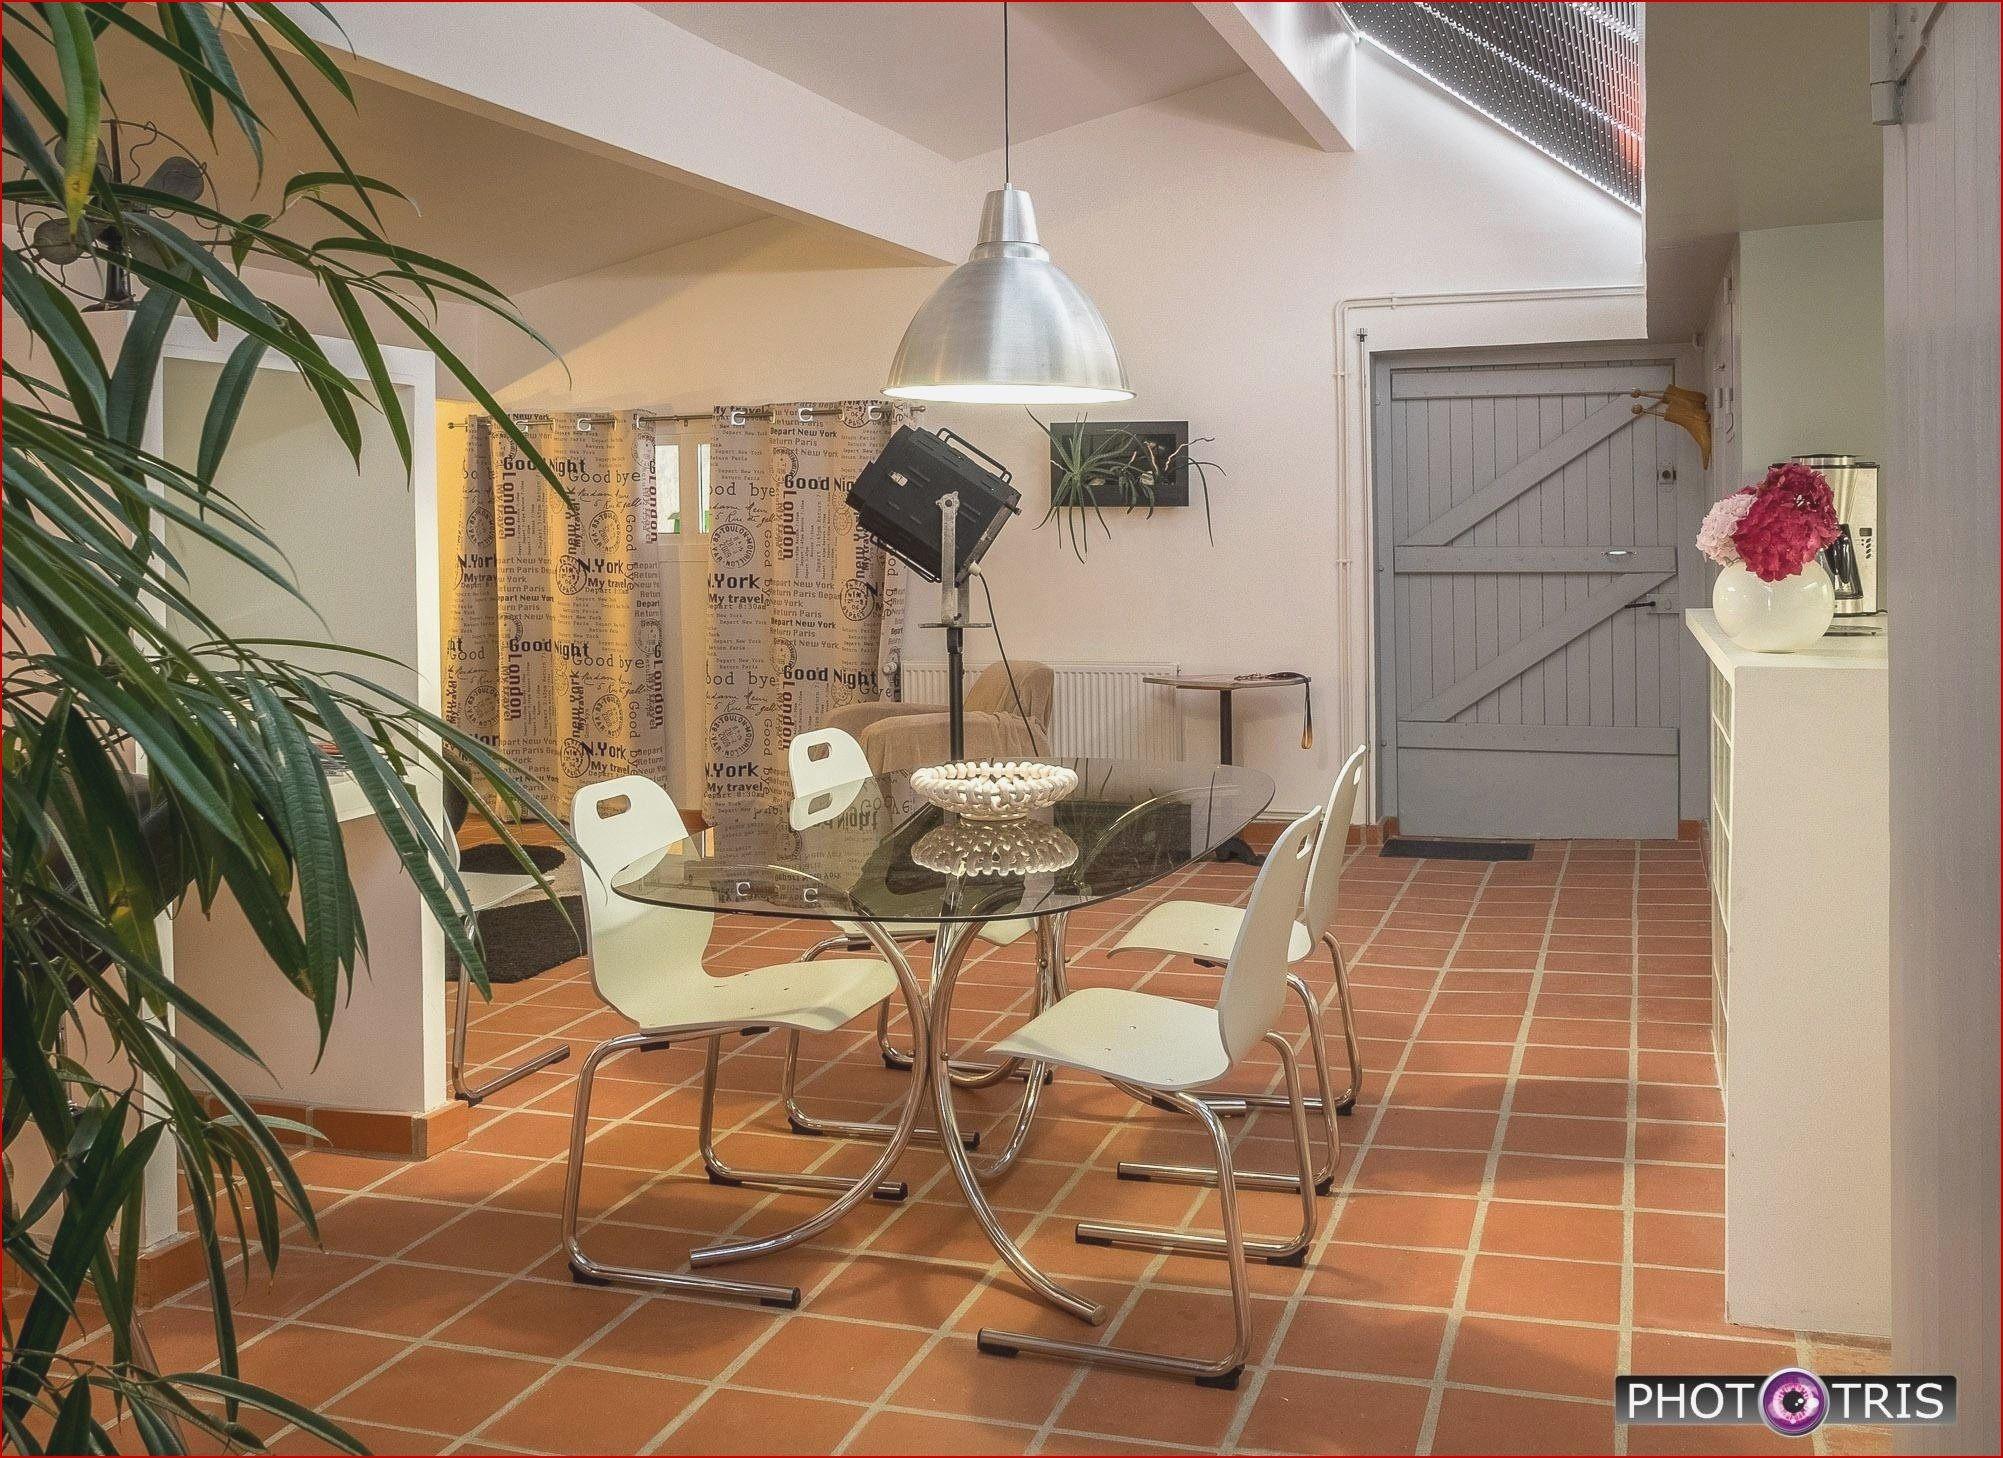 Lit Gain De Place Studio Le Luxe Meuble Couloir Brou Meuble Gain De Place Cuisine Lit Gain De Place